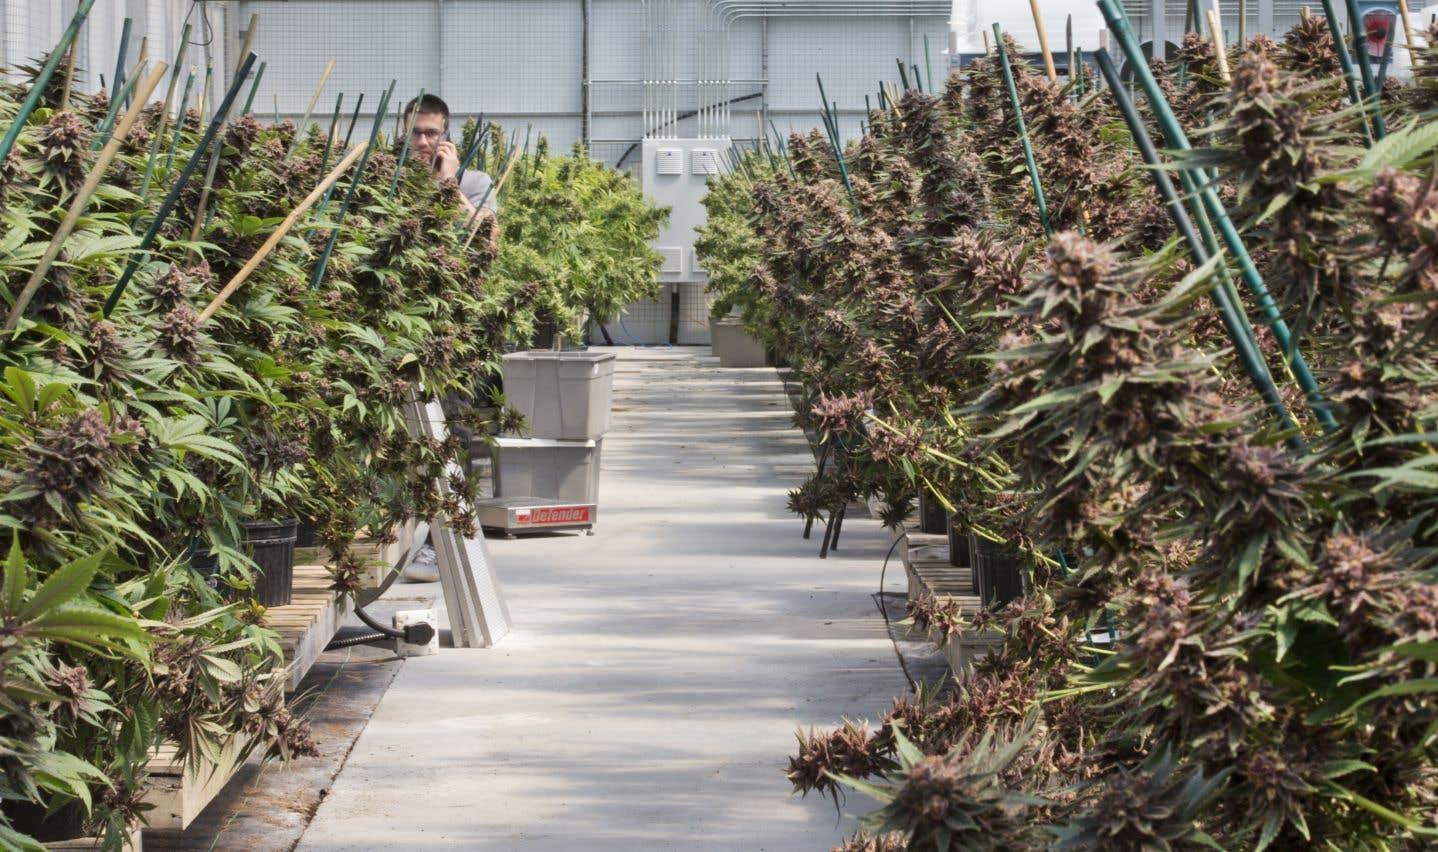 Les villes doivent-elles flirter avec la production de marijuana?